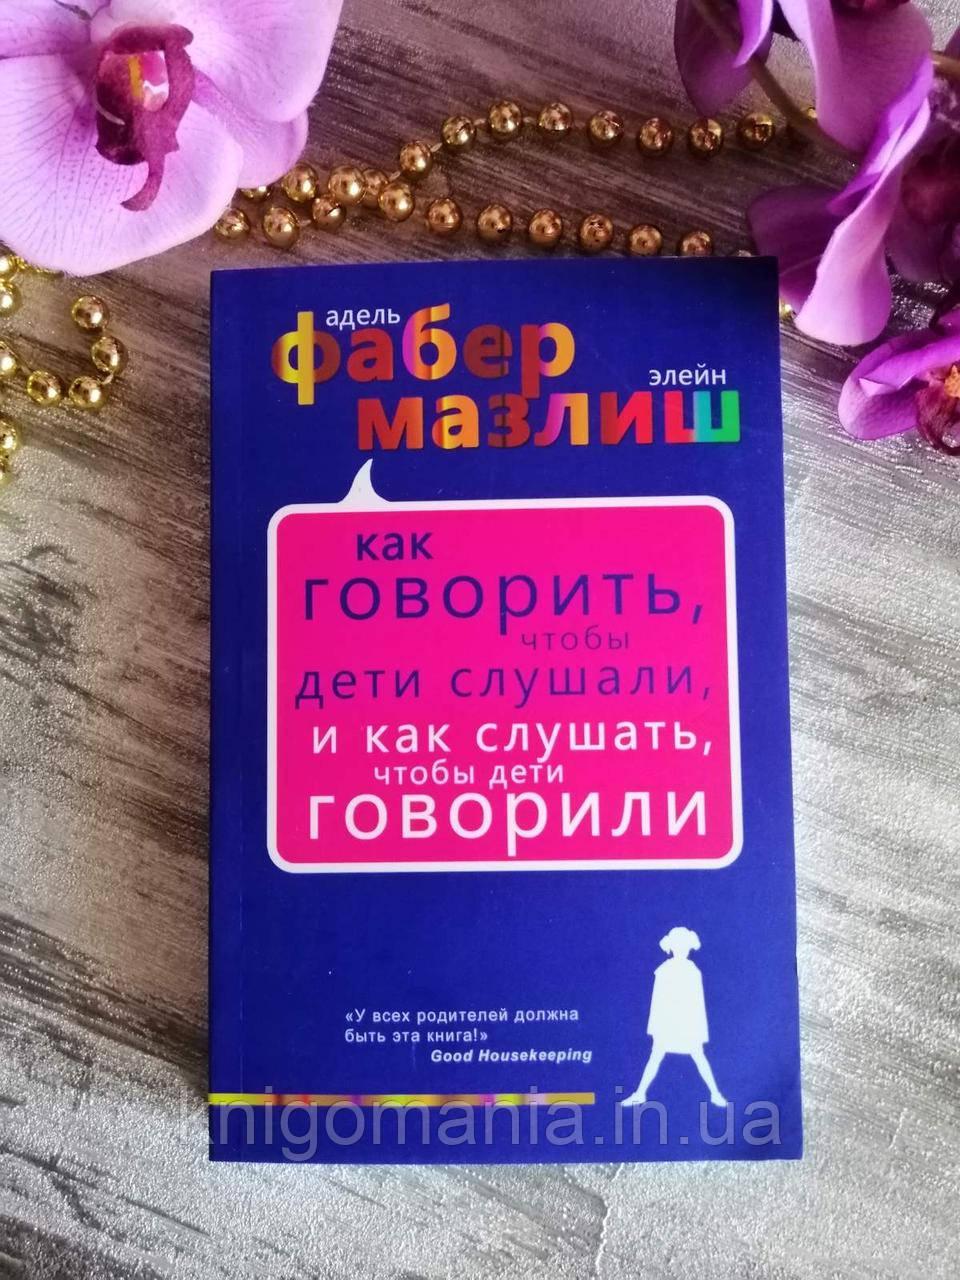 """Книга """"Як говорити, щоб діти слухали, і як слухати, щоб діти говорили"""" Адель Фабер та Елейн Мазлиш"""